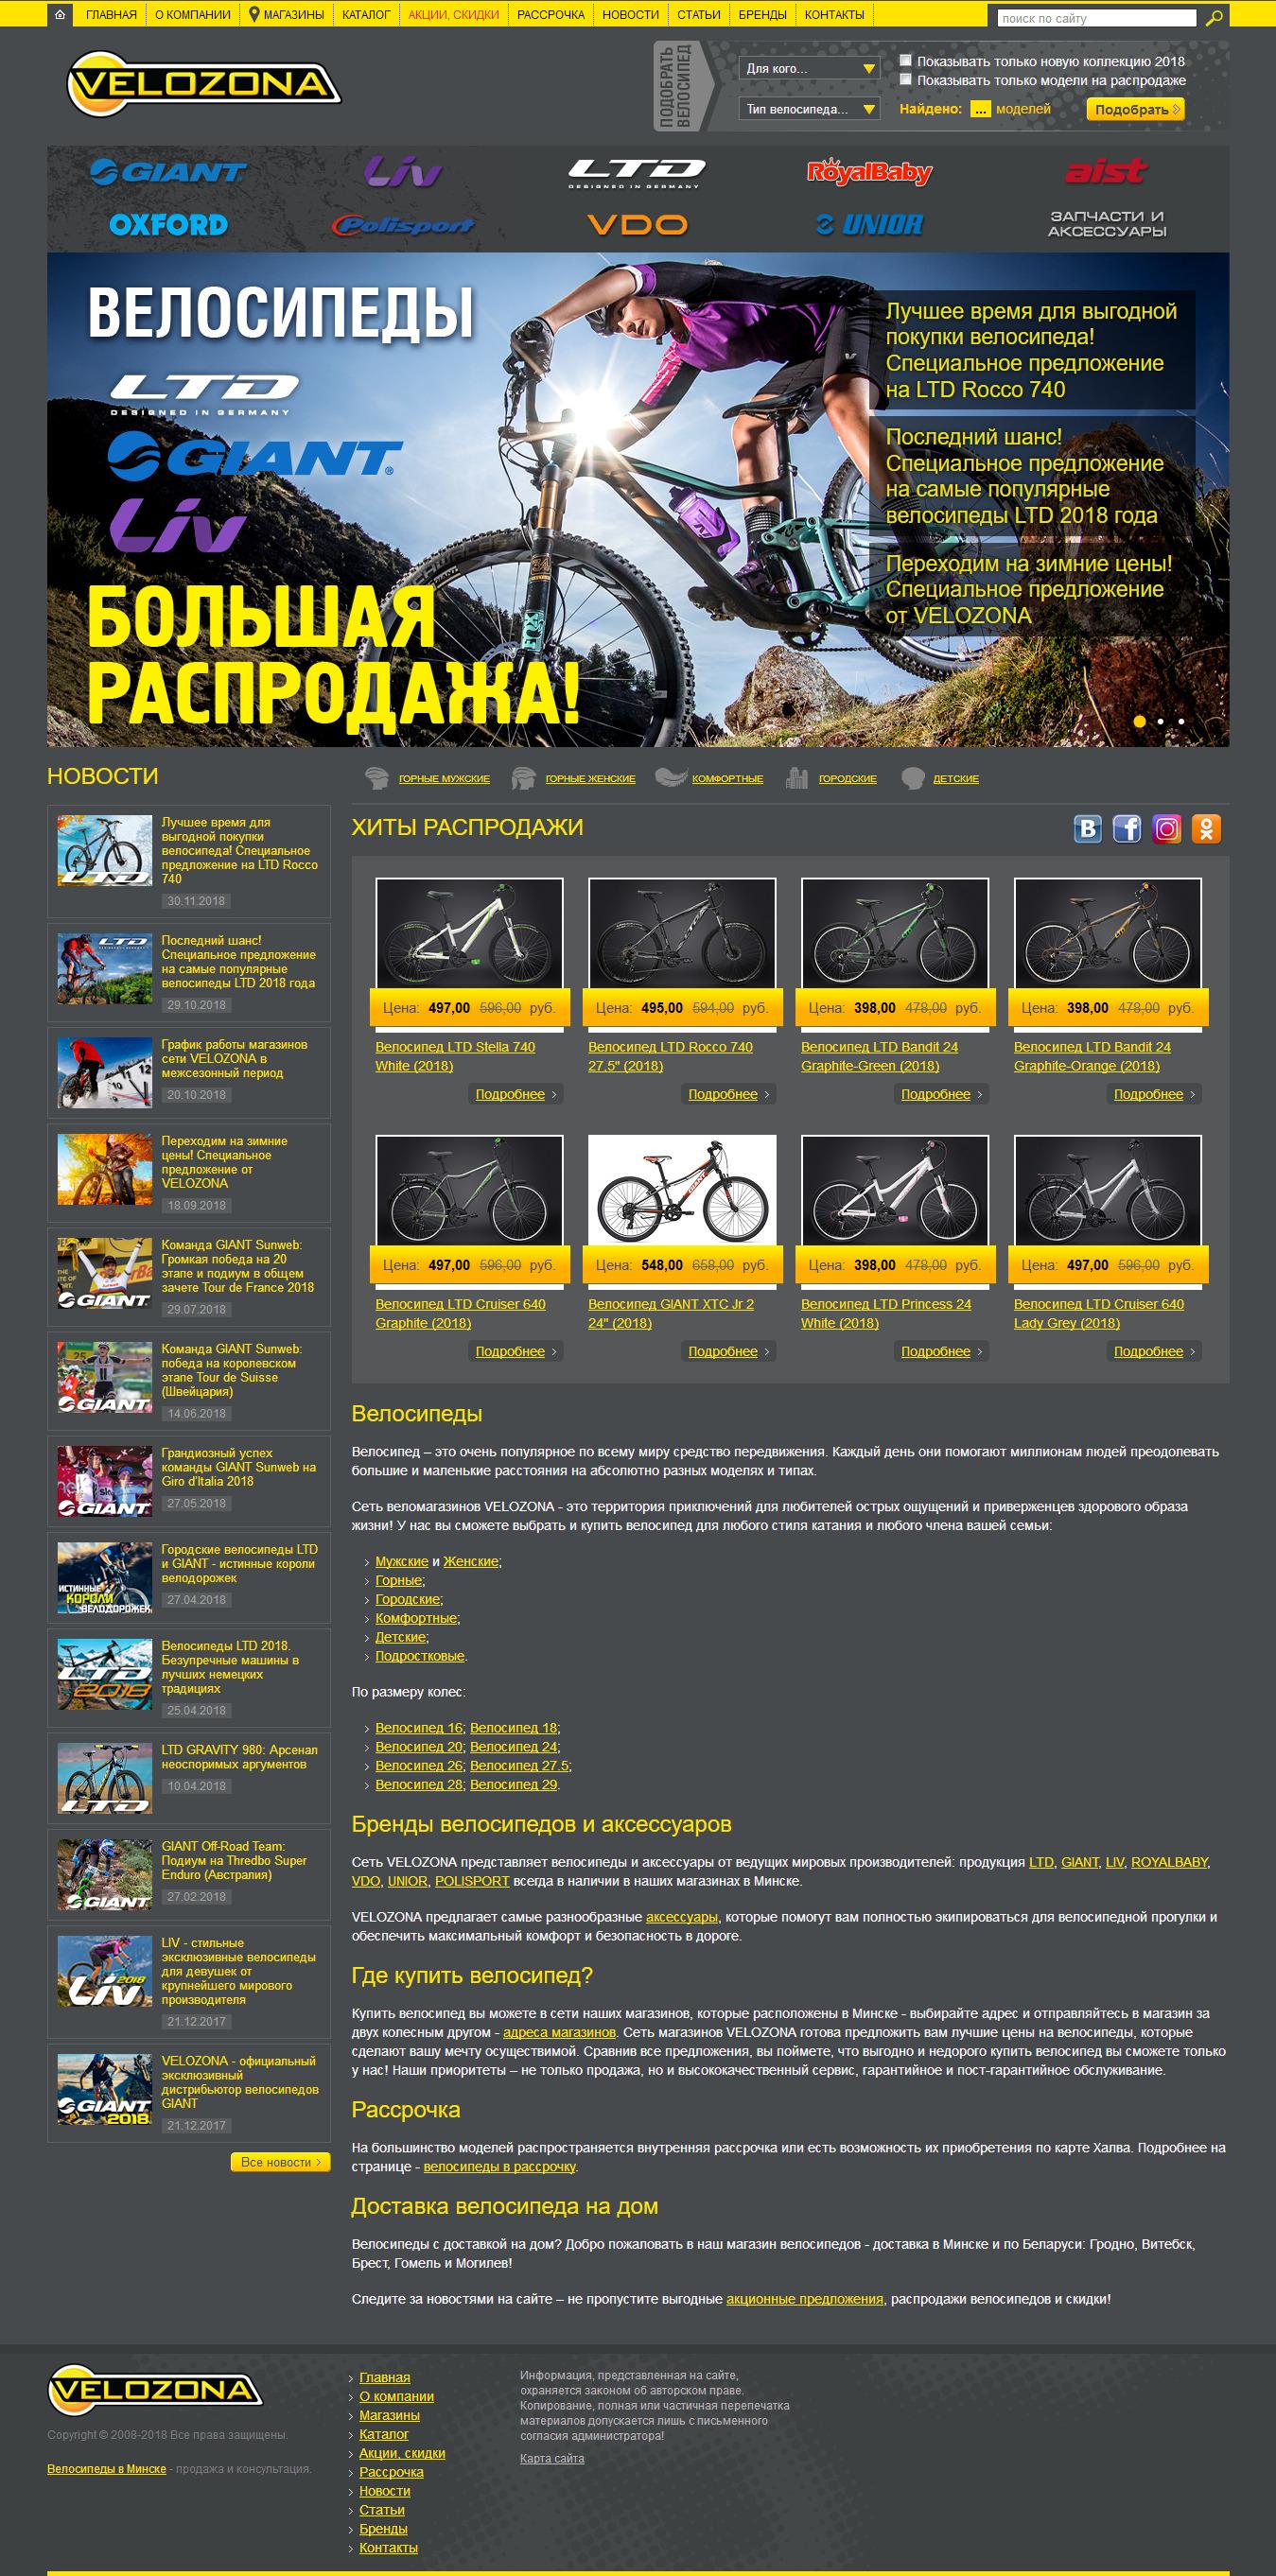 Velozona - официальный сайт в Беларуси